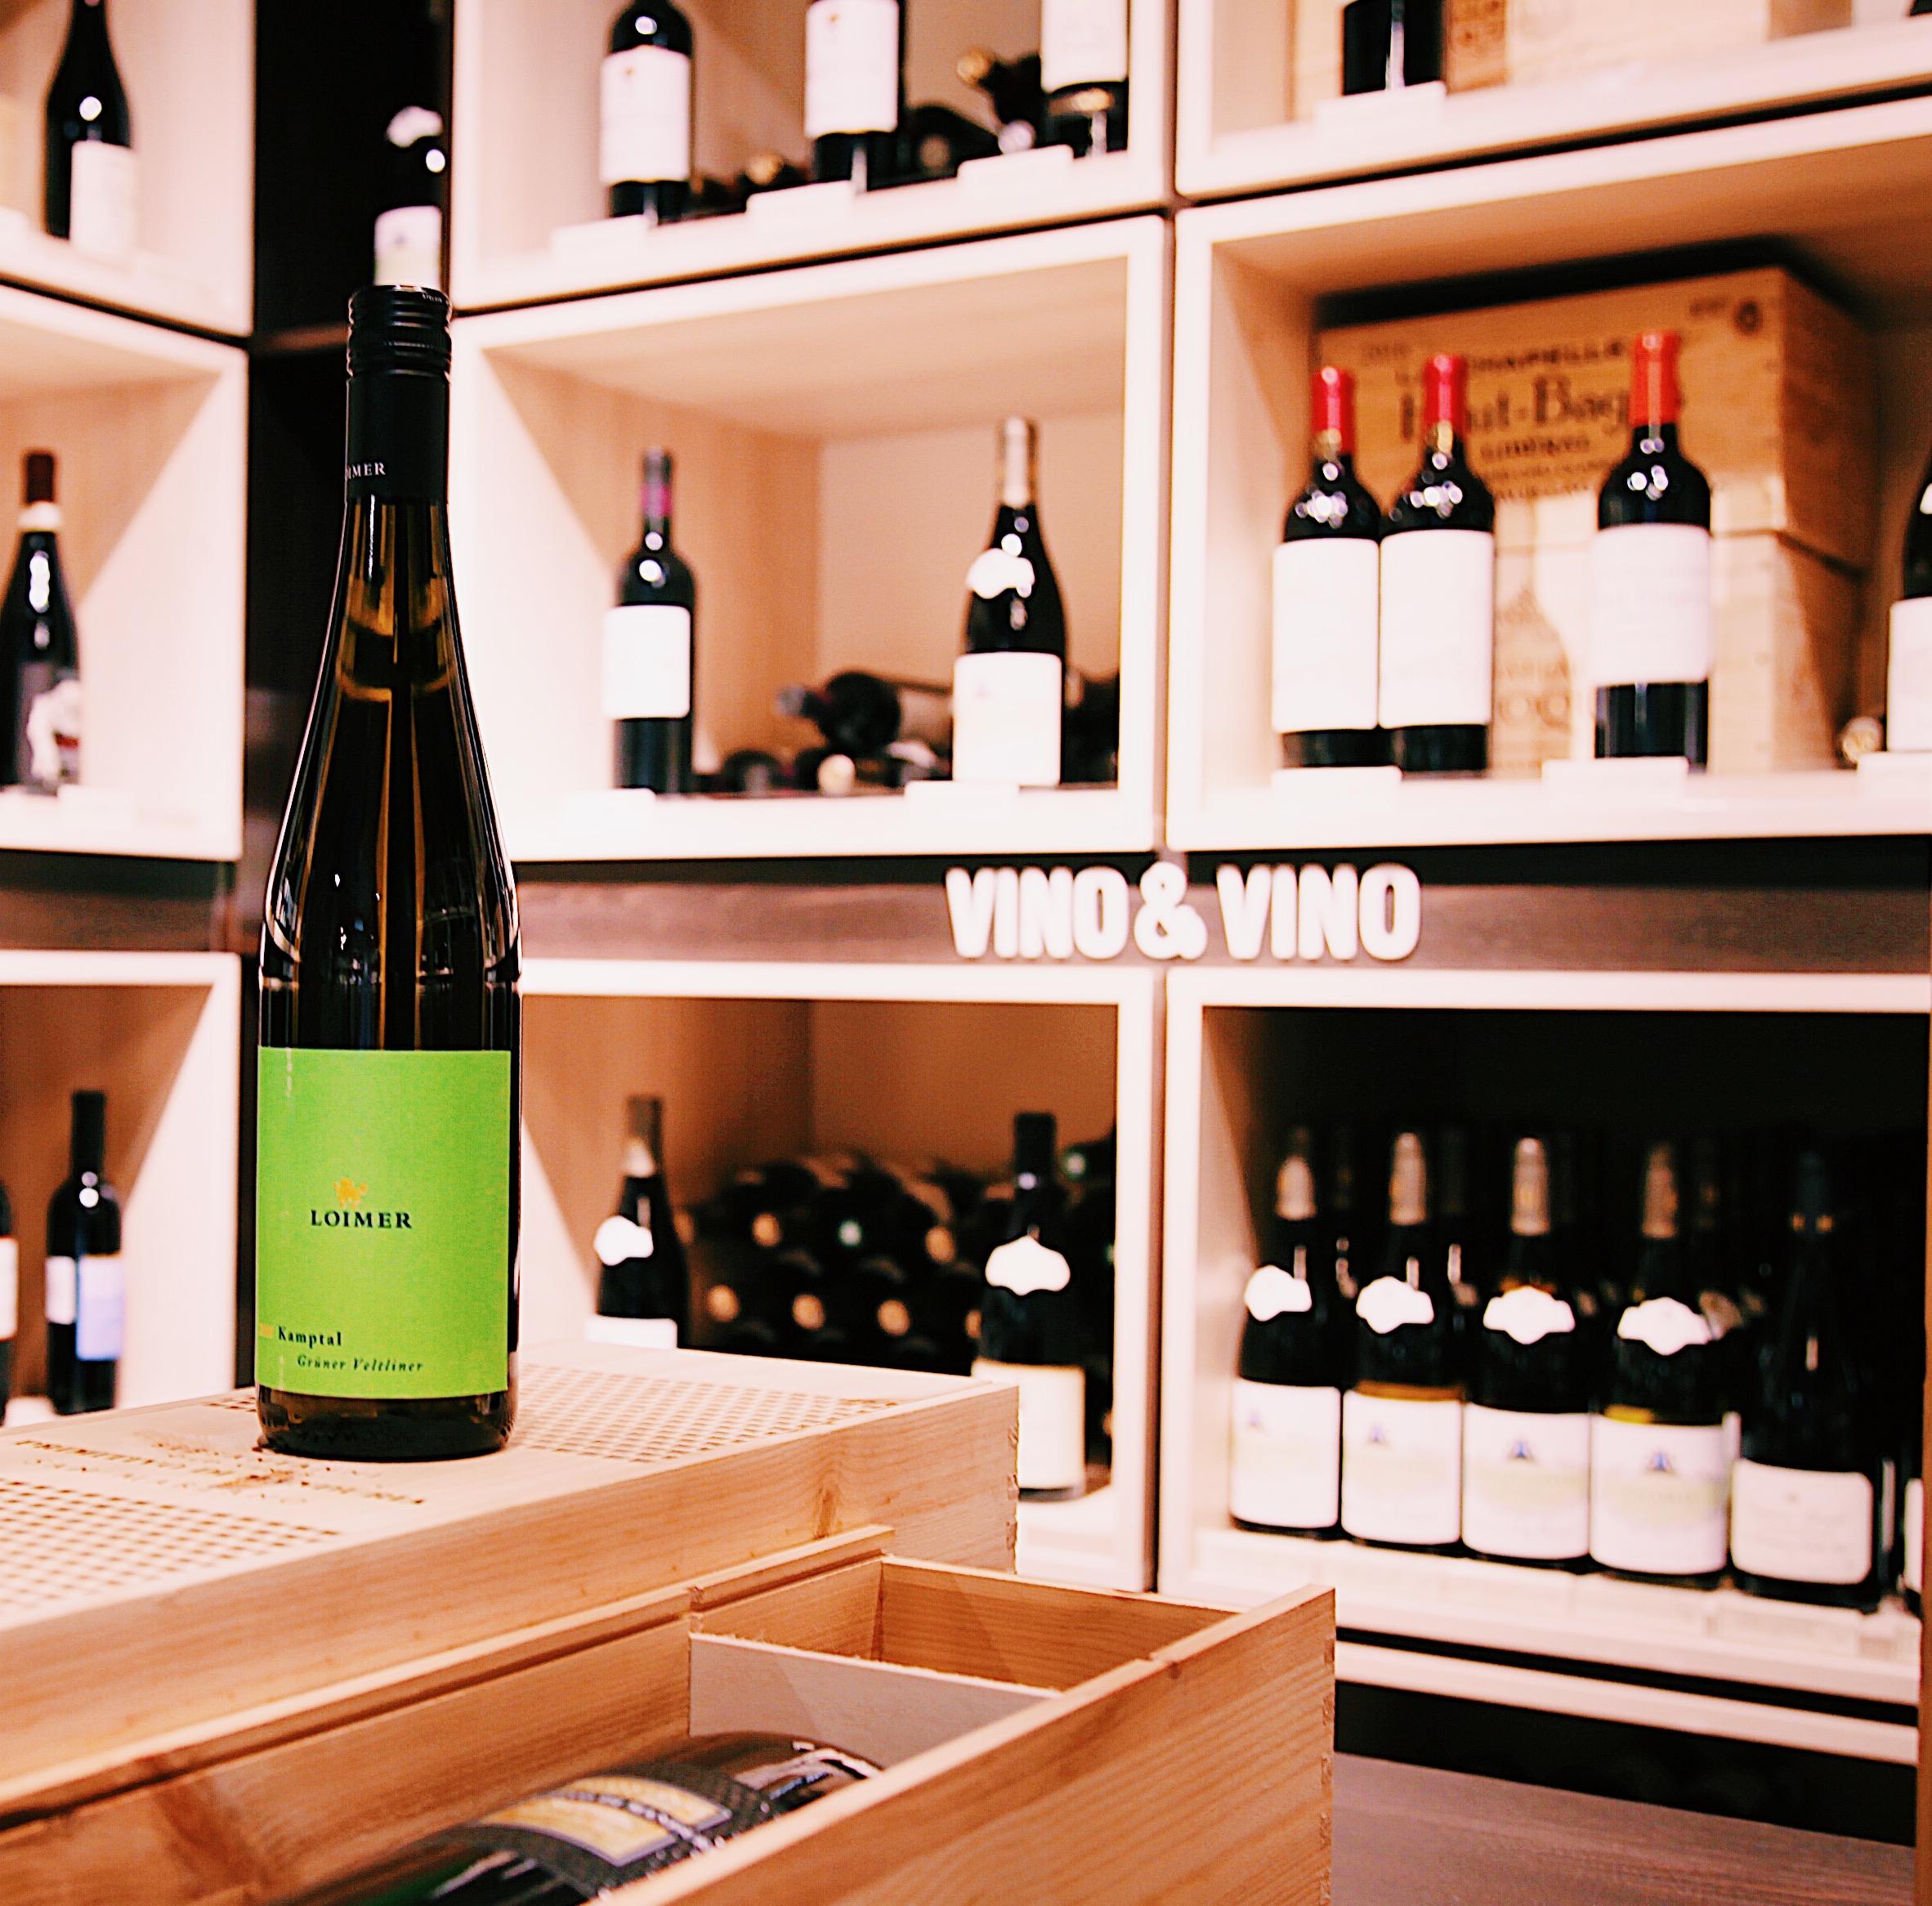 Loimer - Gruner Veltriner  Green